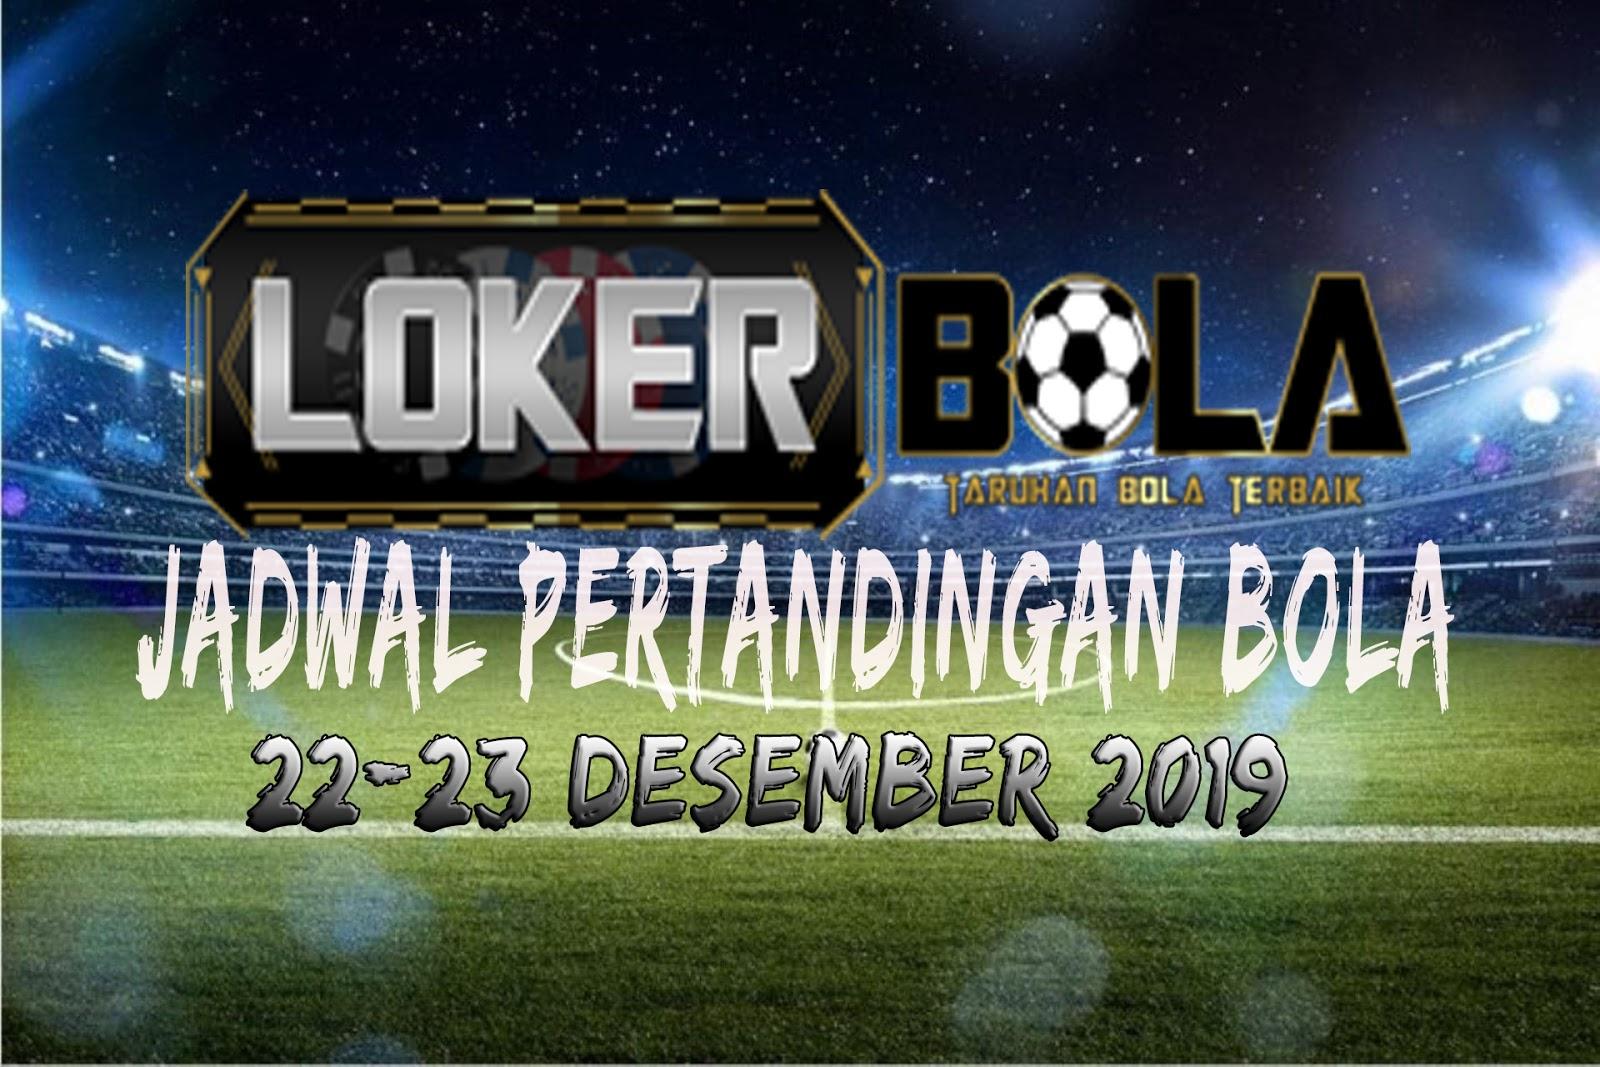 JADWAL PERTANDINGAN BOLA 22 – 23 DESEMBER 2019